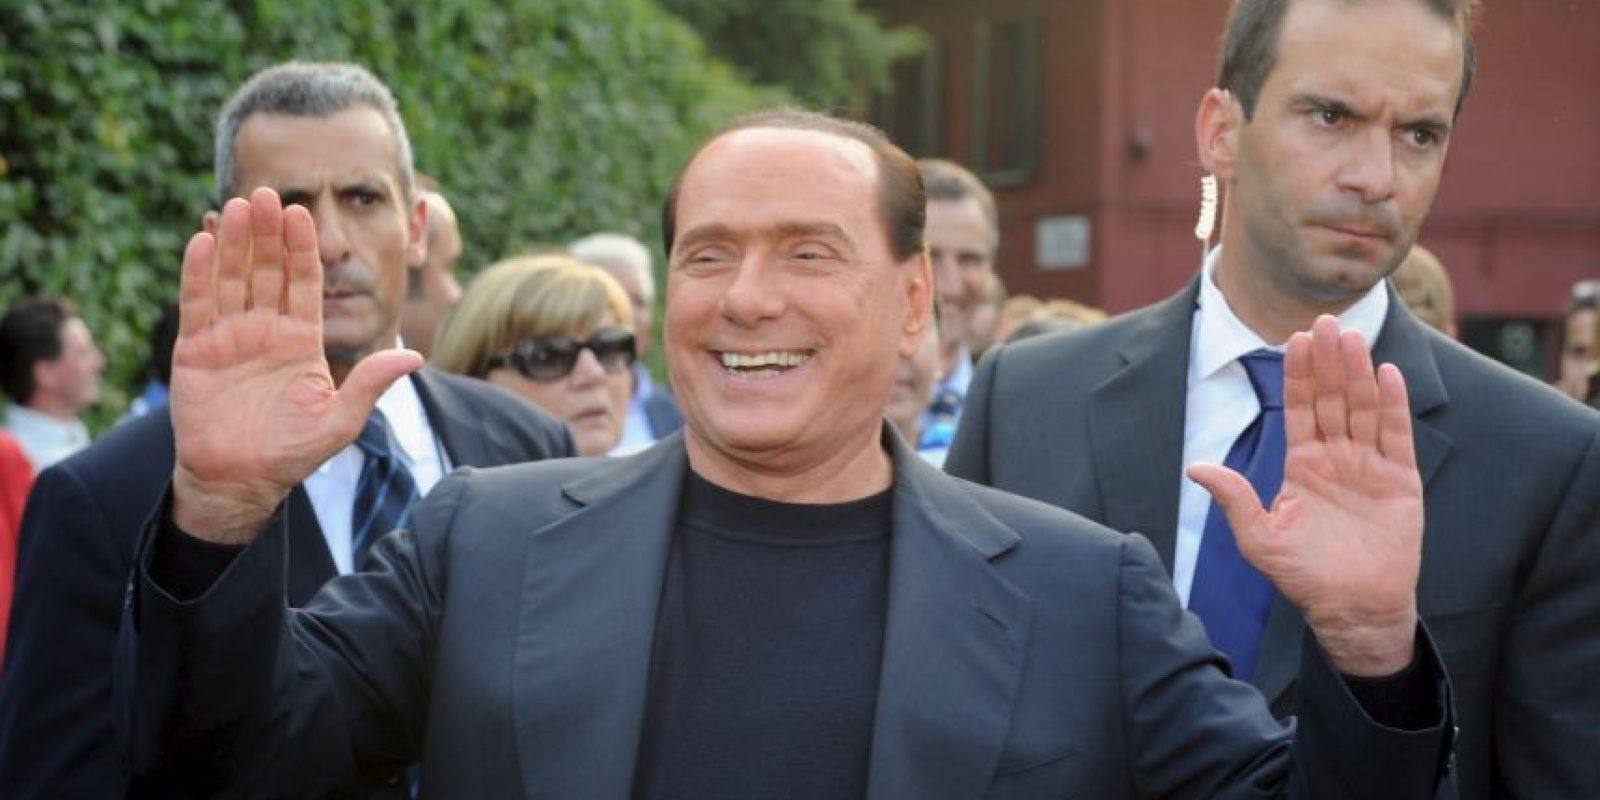 El polémico político italiano enfrenta de nueva cuenta problemas con la justicia Foto:Getty Images